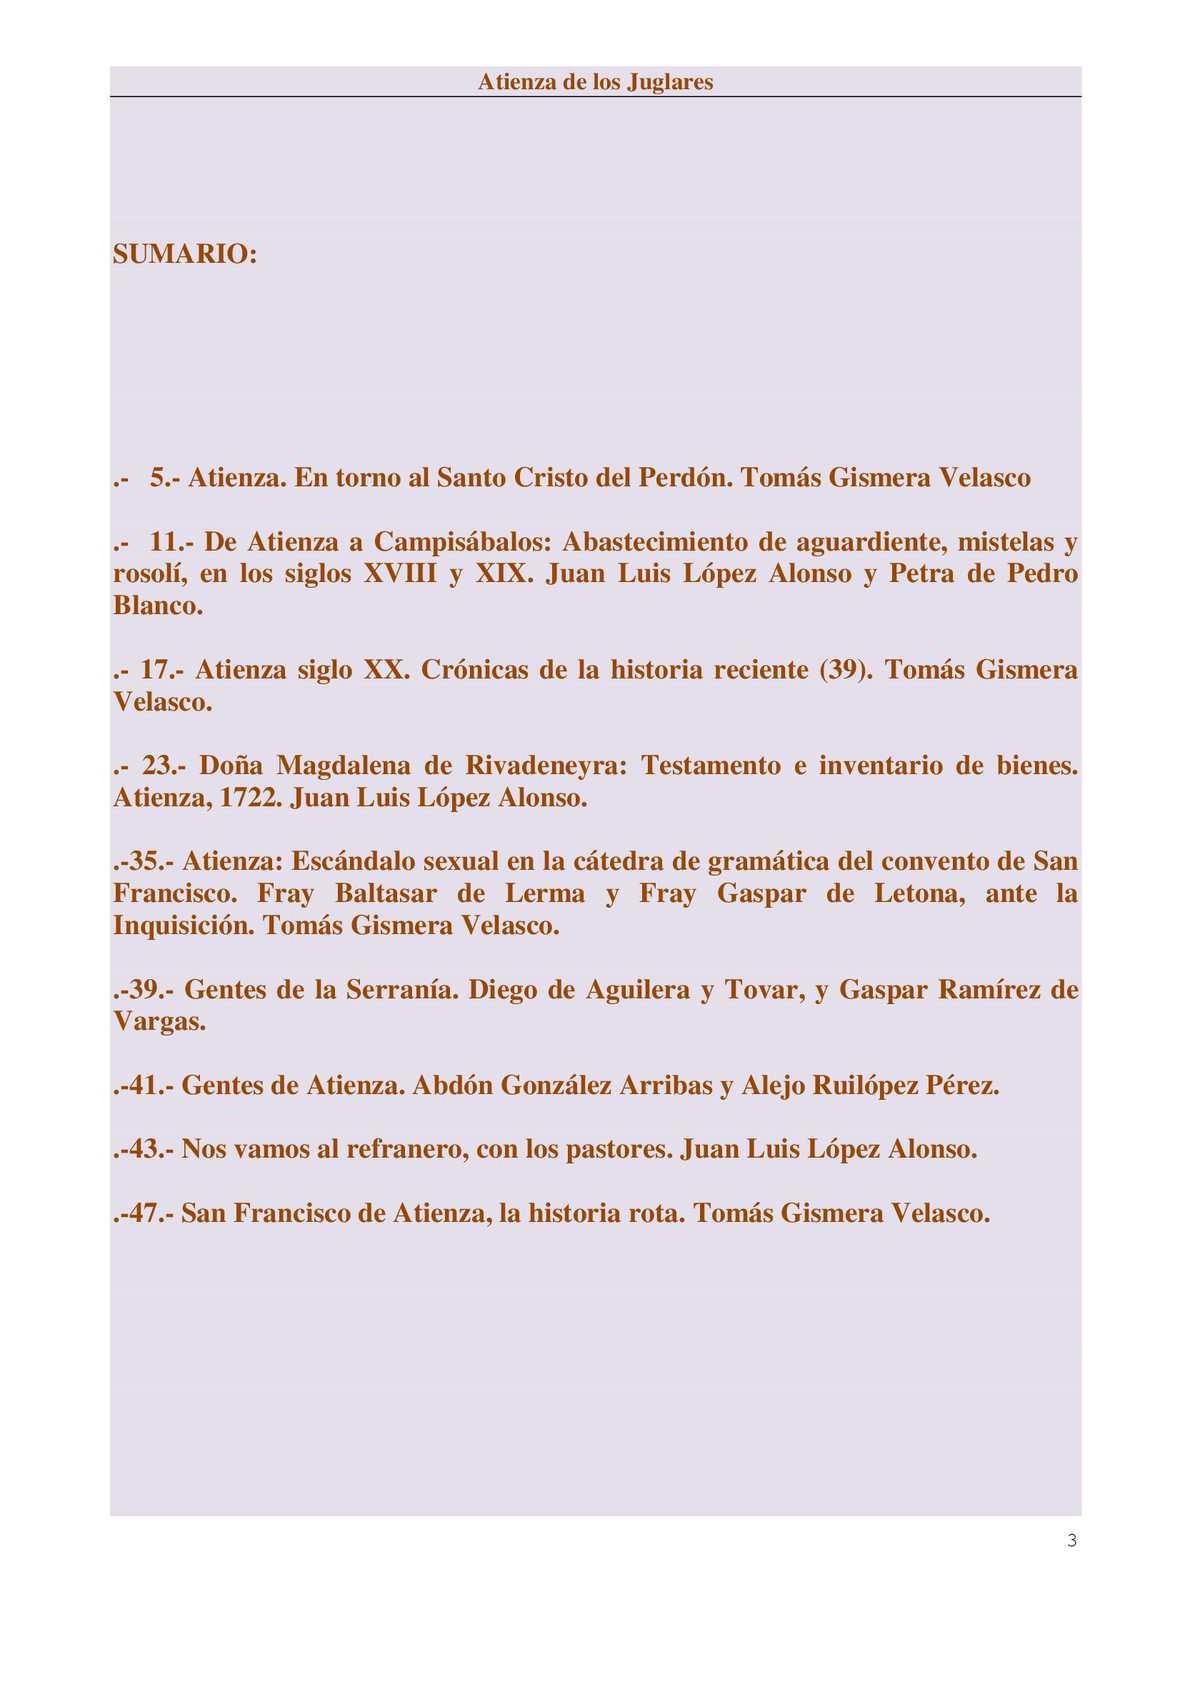 Atienza De Los Juglares Julio Agosto 2015 Calameo Downloader # Muebles Bernardo Leon